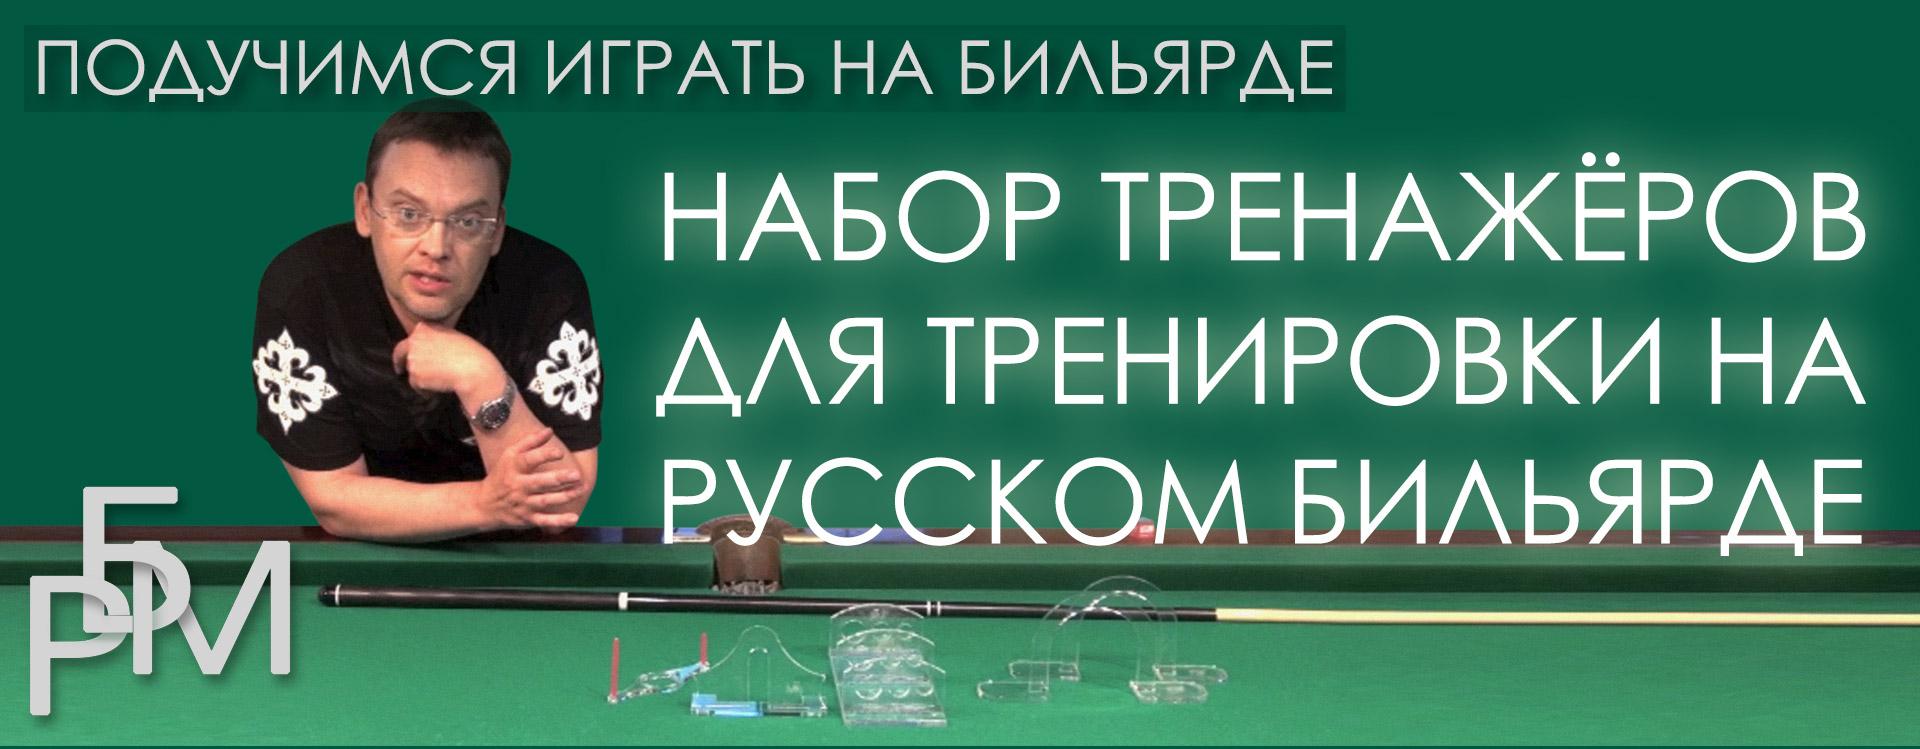 Набор тренажеров для тренировок на русском бильярде